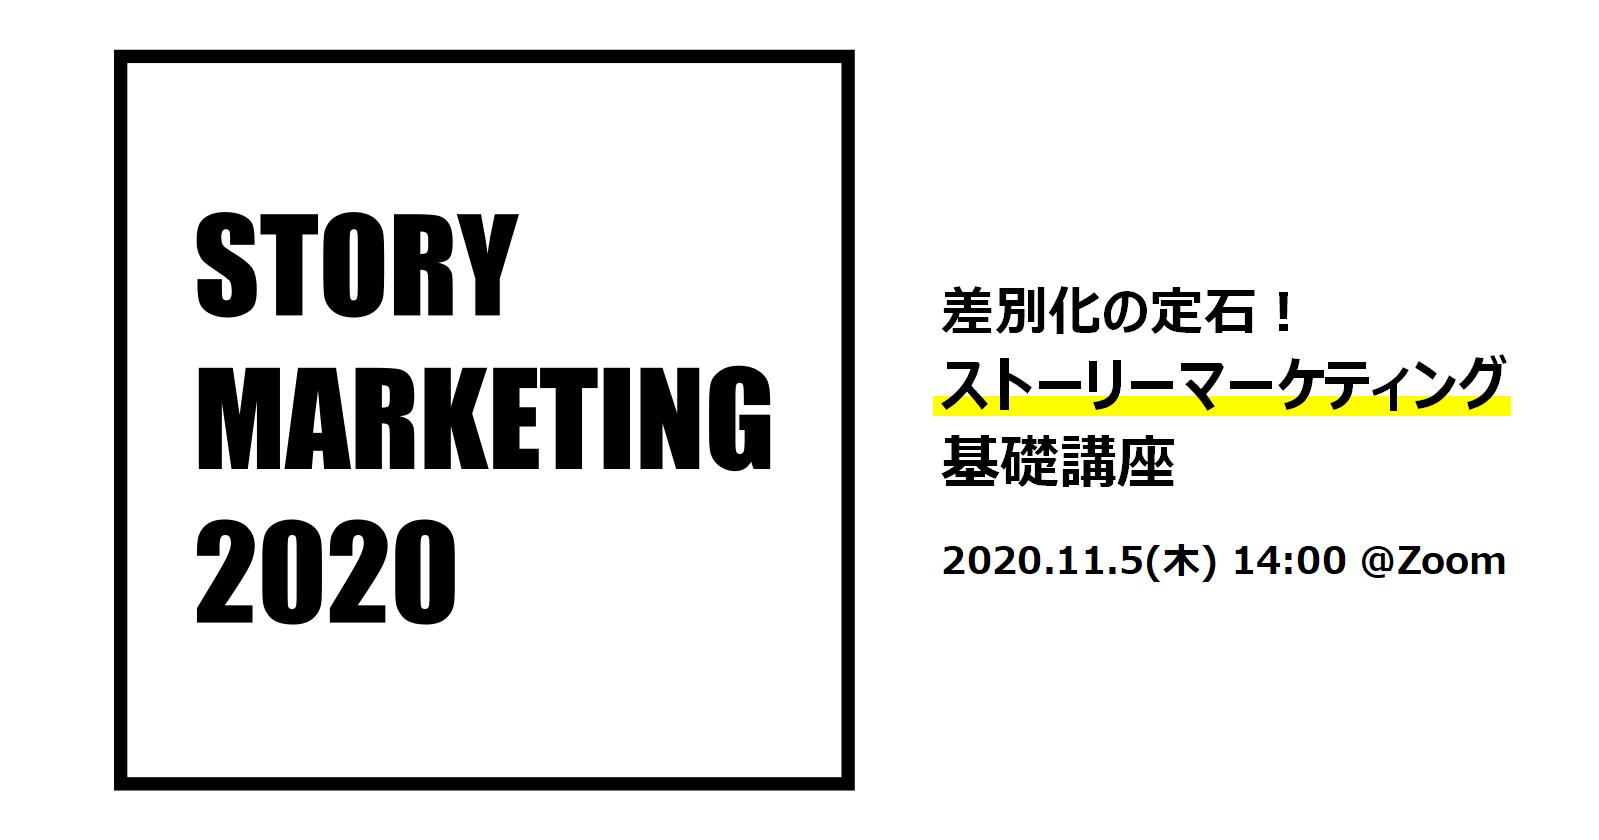 ストーリーマーケティング2020